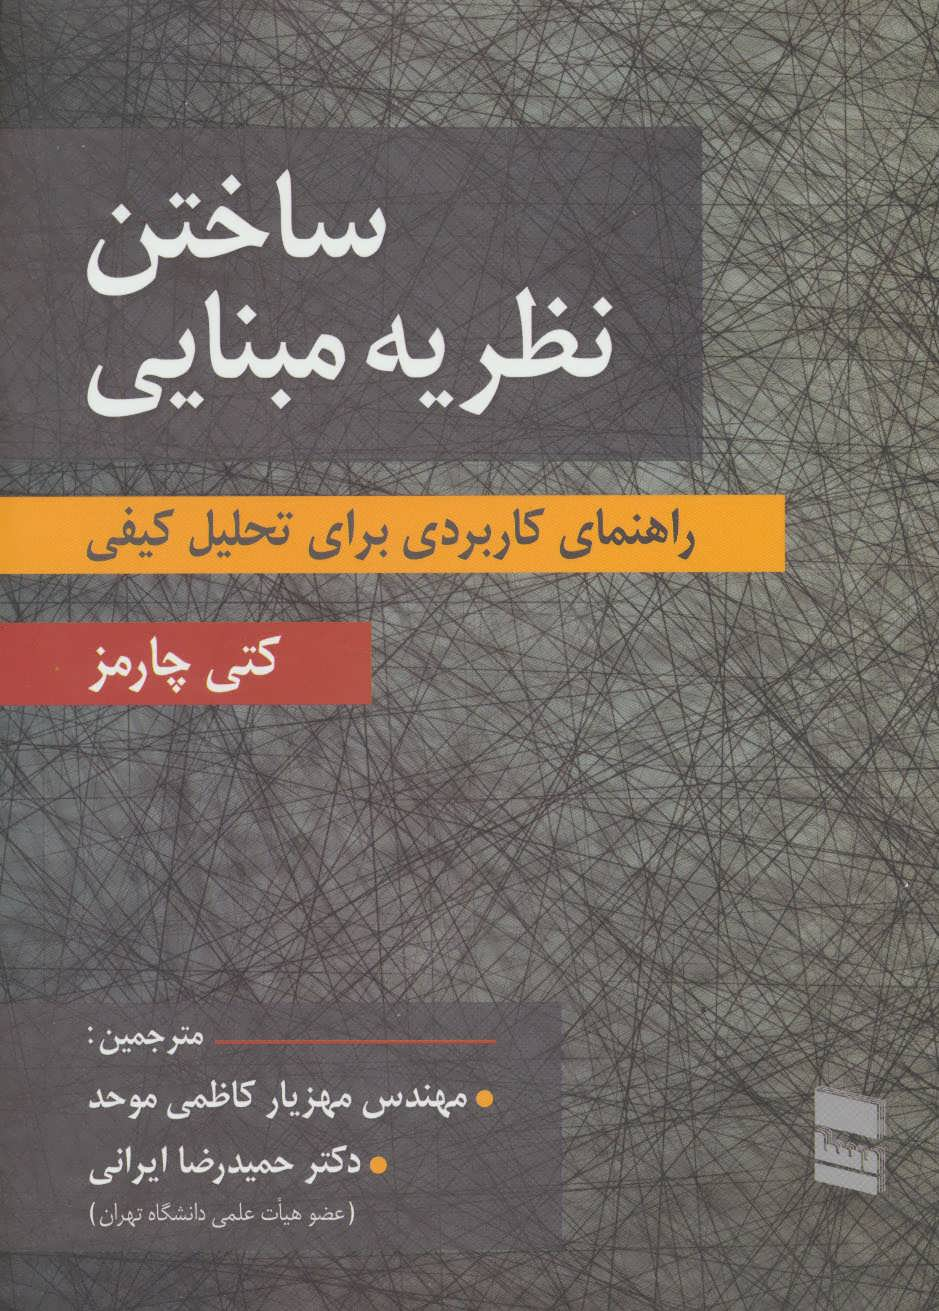 کتاب ساختن نظریه مبنایی